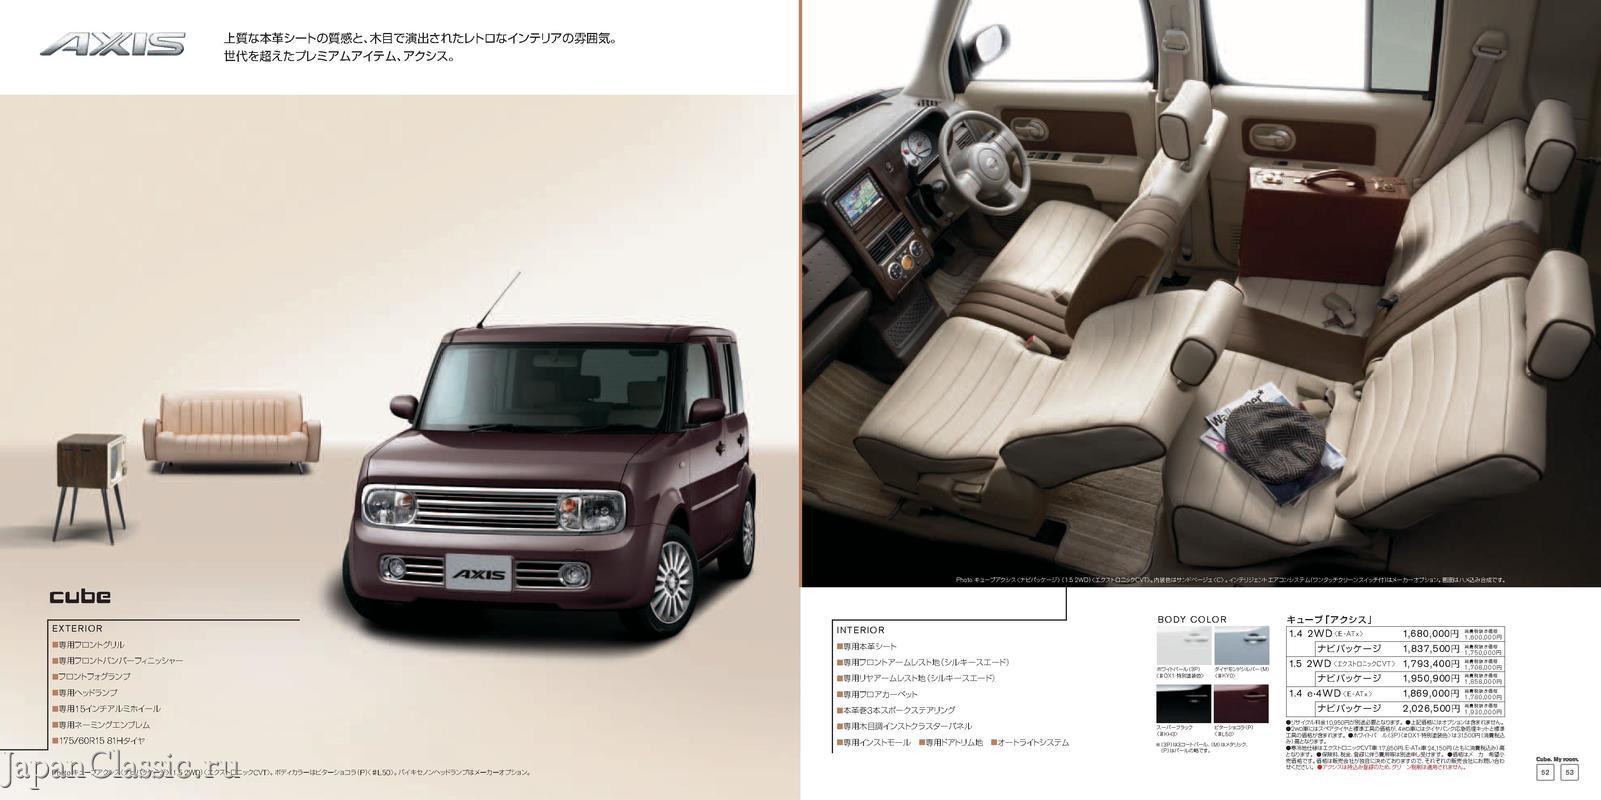 Nissan Cube 2005 AUTECH AXIS Z11 - JapanClassic